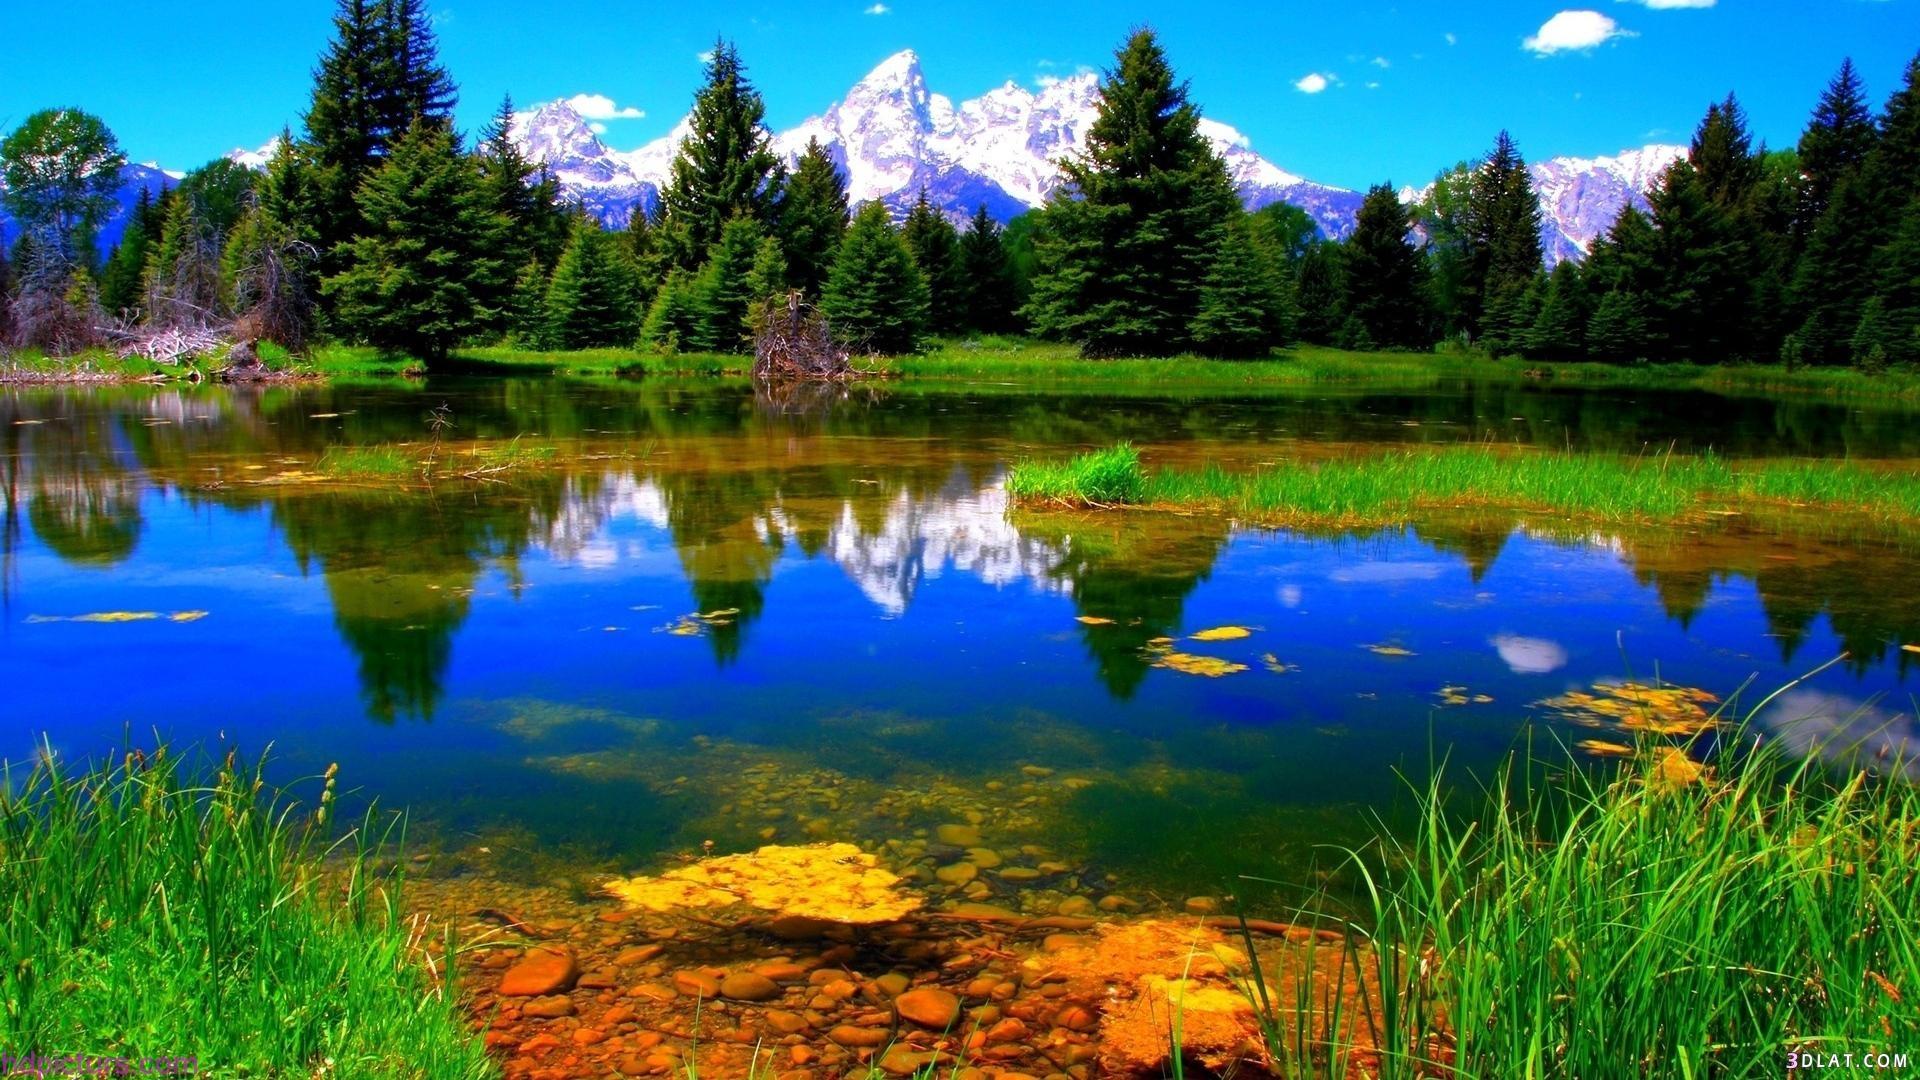 أجمل المناظر الطبيعية مناظر طبيعية خلابة 3dlat.com_14_18_2ed0